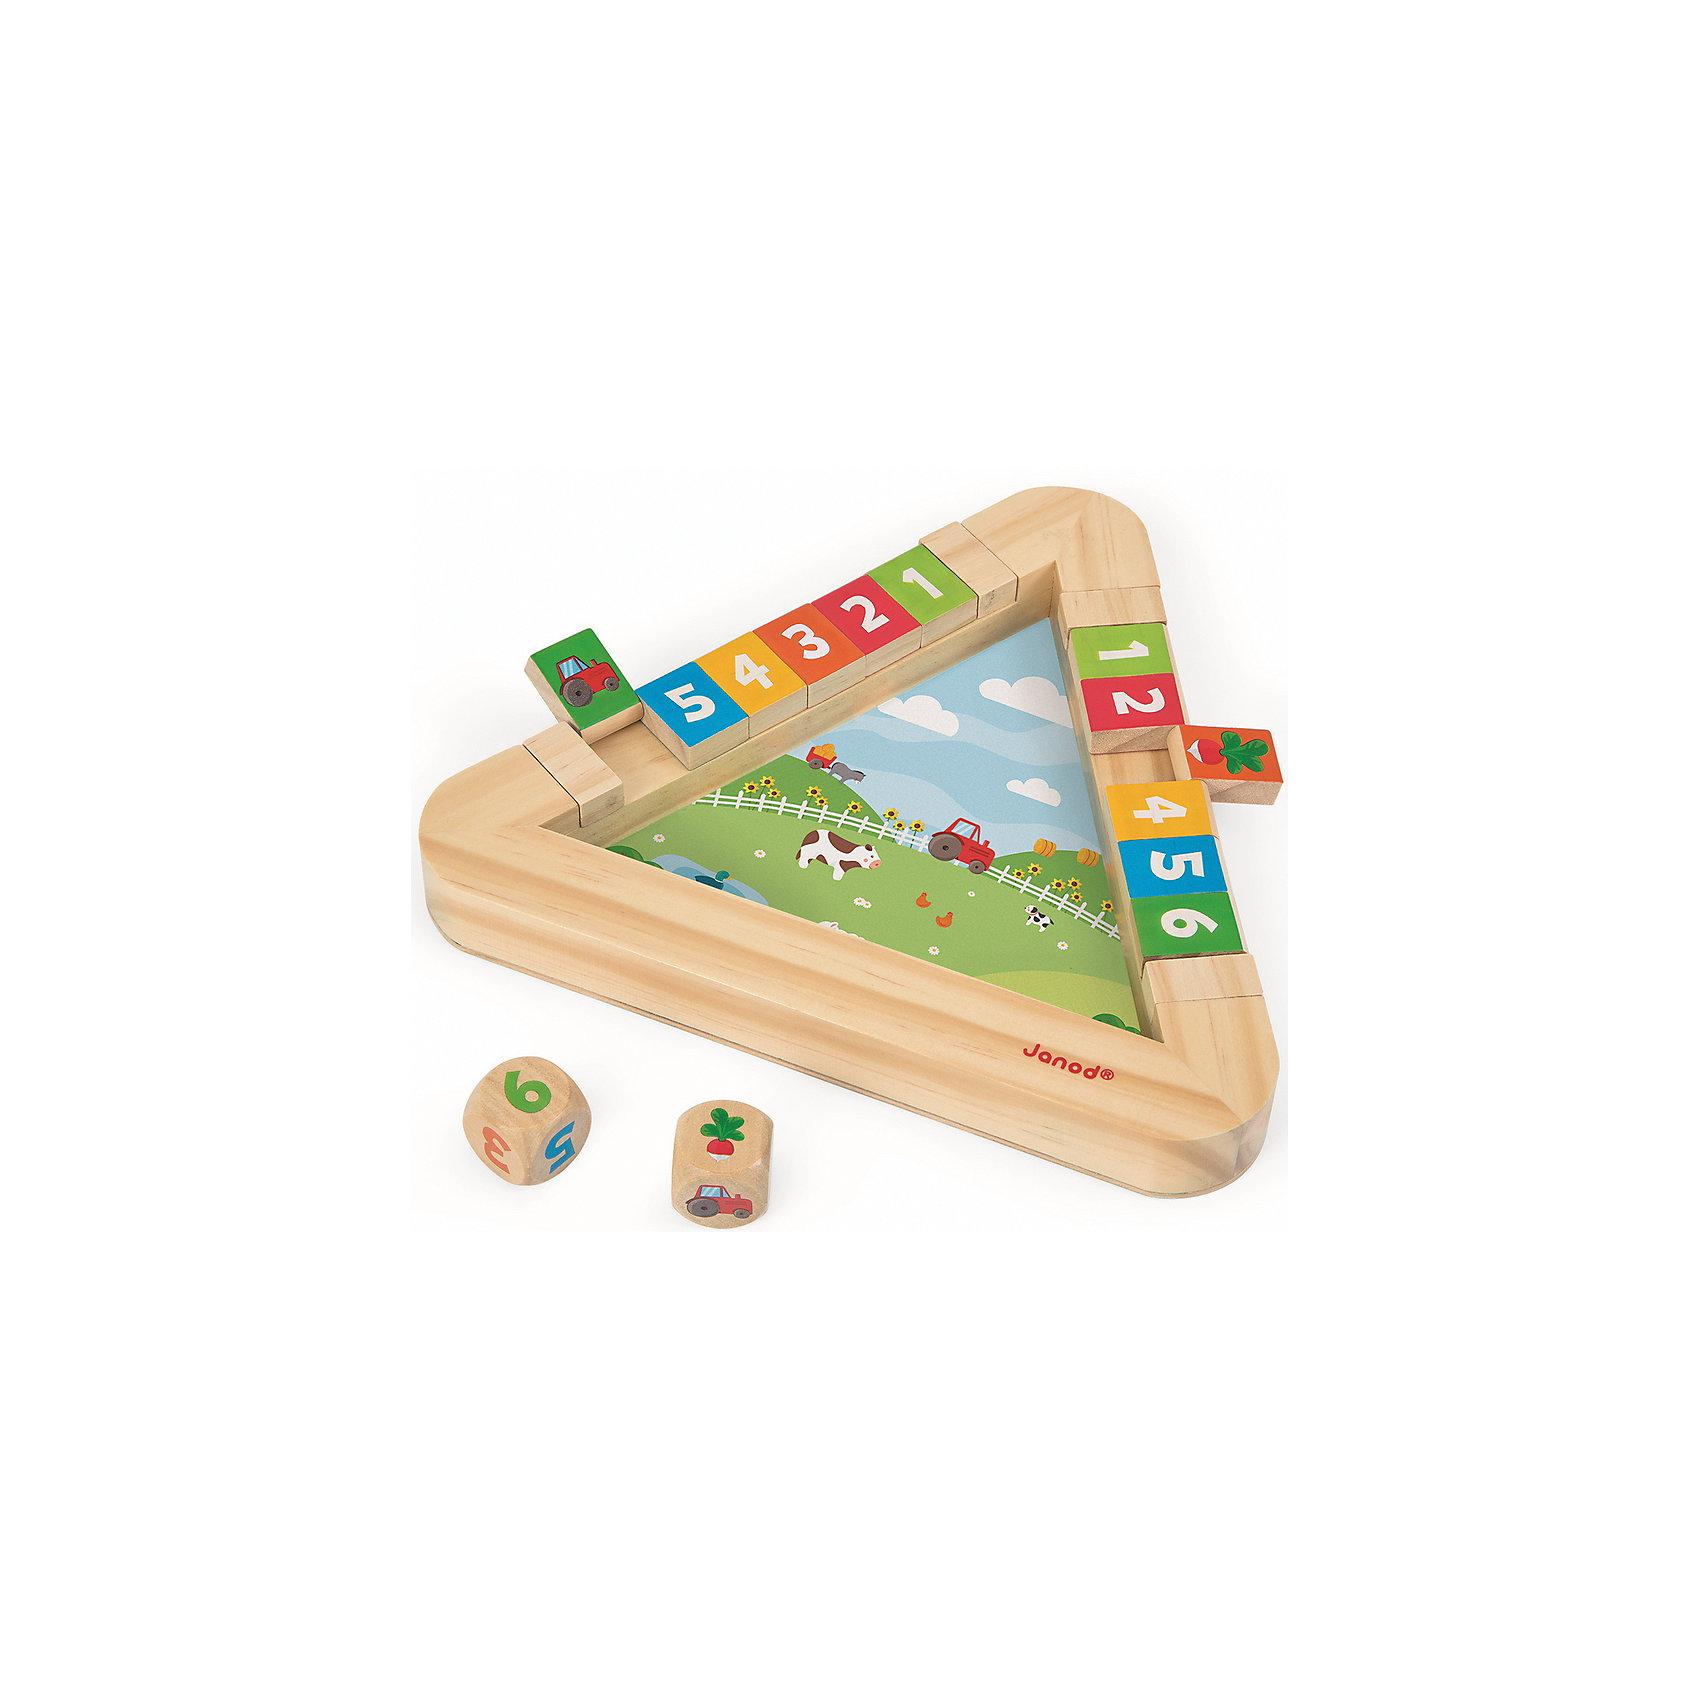 Настольная игра с кубиками Огород, JanodНастольная игра с кубиками Огород, Janod (Жанод) ? набор предназначен для парной игры детей в возрасте от 3-х лет. Игровой комплект выполнен из натурального дерева, окрашенного гипоаллергенными красками на водной основе. <br>Настольная игра с кубиками Огород, Janod (Жанод) состоит игрового поля, выполненного в форме треугольника. На дне треугольника имеется картинка, изображающая огород. На бортиках треугольника расположены 12 квадратиков, с одной стороны у которых цифры, с другой, – картинки. Игра имеет три варианта: от самого простого для детей помладше, до сложного для более старших детей. Игра Огород,прежде всего, направлена на развитие внимательности и зрительной памяти. Кроме того, ребенок учится играть совместно с другими детьми, соблюдать требования и правила. <br>Настольная игра с кубиками Огород, Janod упакована в картонную коробку, имеет компактный формат, поэтому ее удобно брать с собой в путешествия.<br> <br>Дополнительная информация:<br><br>- Вид игр: обучающие, развивающие<br>- Предназначение: для дома<br>- Материал: дерево<br>- Комплектация: игровое поле, 12 кубиков, 1 кость с цифрами, 1 кость с картинками<br>- Вес: 420 г<br>- Размер всей упаковки (Д*Ш*В): 22,5*4*22,5 см<br>- Особенности ухода: разрешается протирать сухой губкой<br><br>Подробнее:<br><br>• Для детей в возрасте: от 3 лет<br>• Страна производитель: Китай<br>• Торговый бренд: Janod<br><br>Настольную игру с кубиками Огород, Janod (Жанод) можно купить в нашем интернет-магазине.<br><br>Ширина мм: 25<br>Глубина мм: 25<br>Высота мм: 4<br>Вес г: 300<br>Возраст от месяцев: 36<br>Возраст до месяцев: 2147483647<br>Пол: Унисекс<br>Возраст: Детский<br>SKU: 4871796